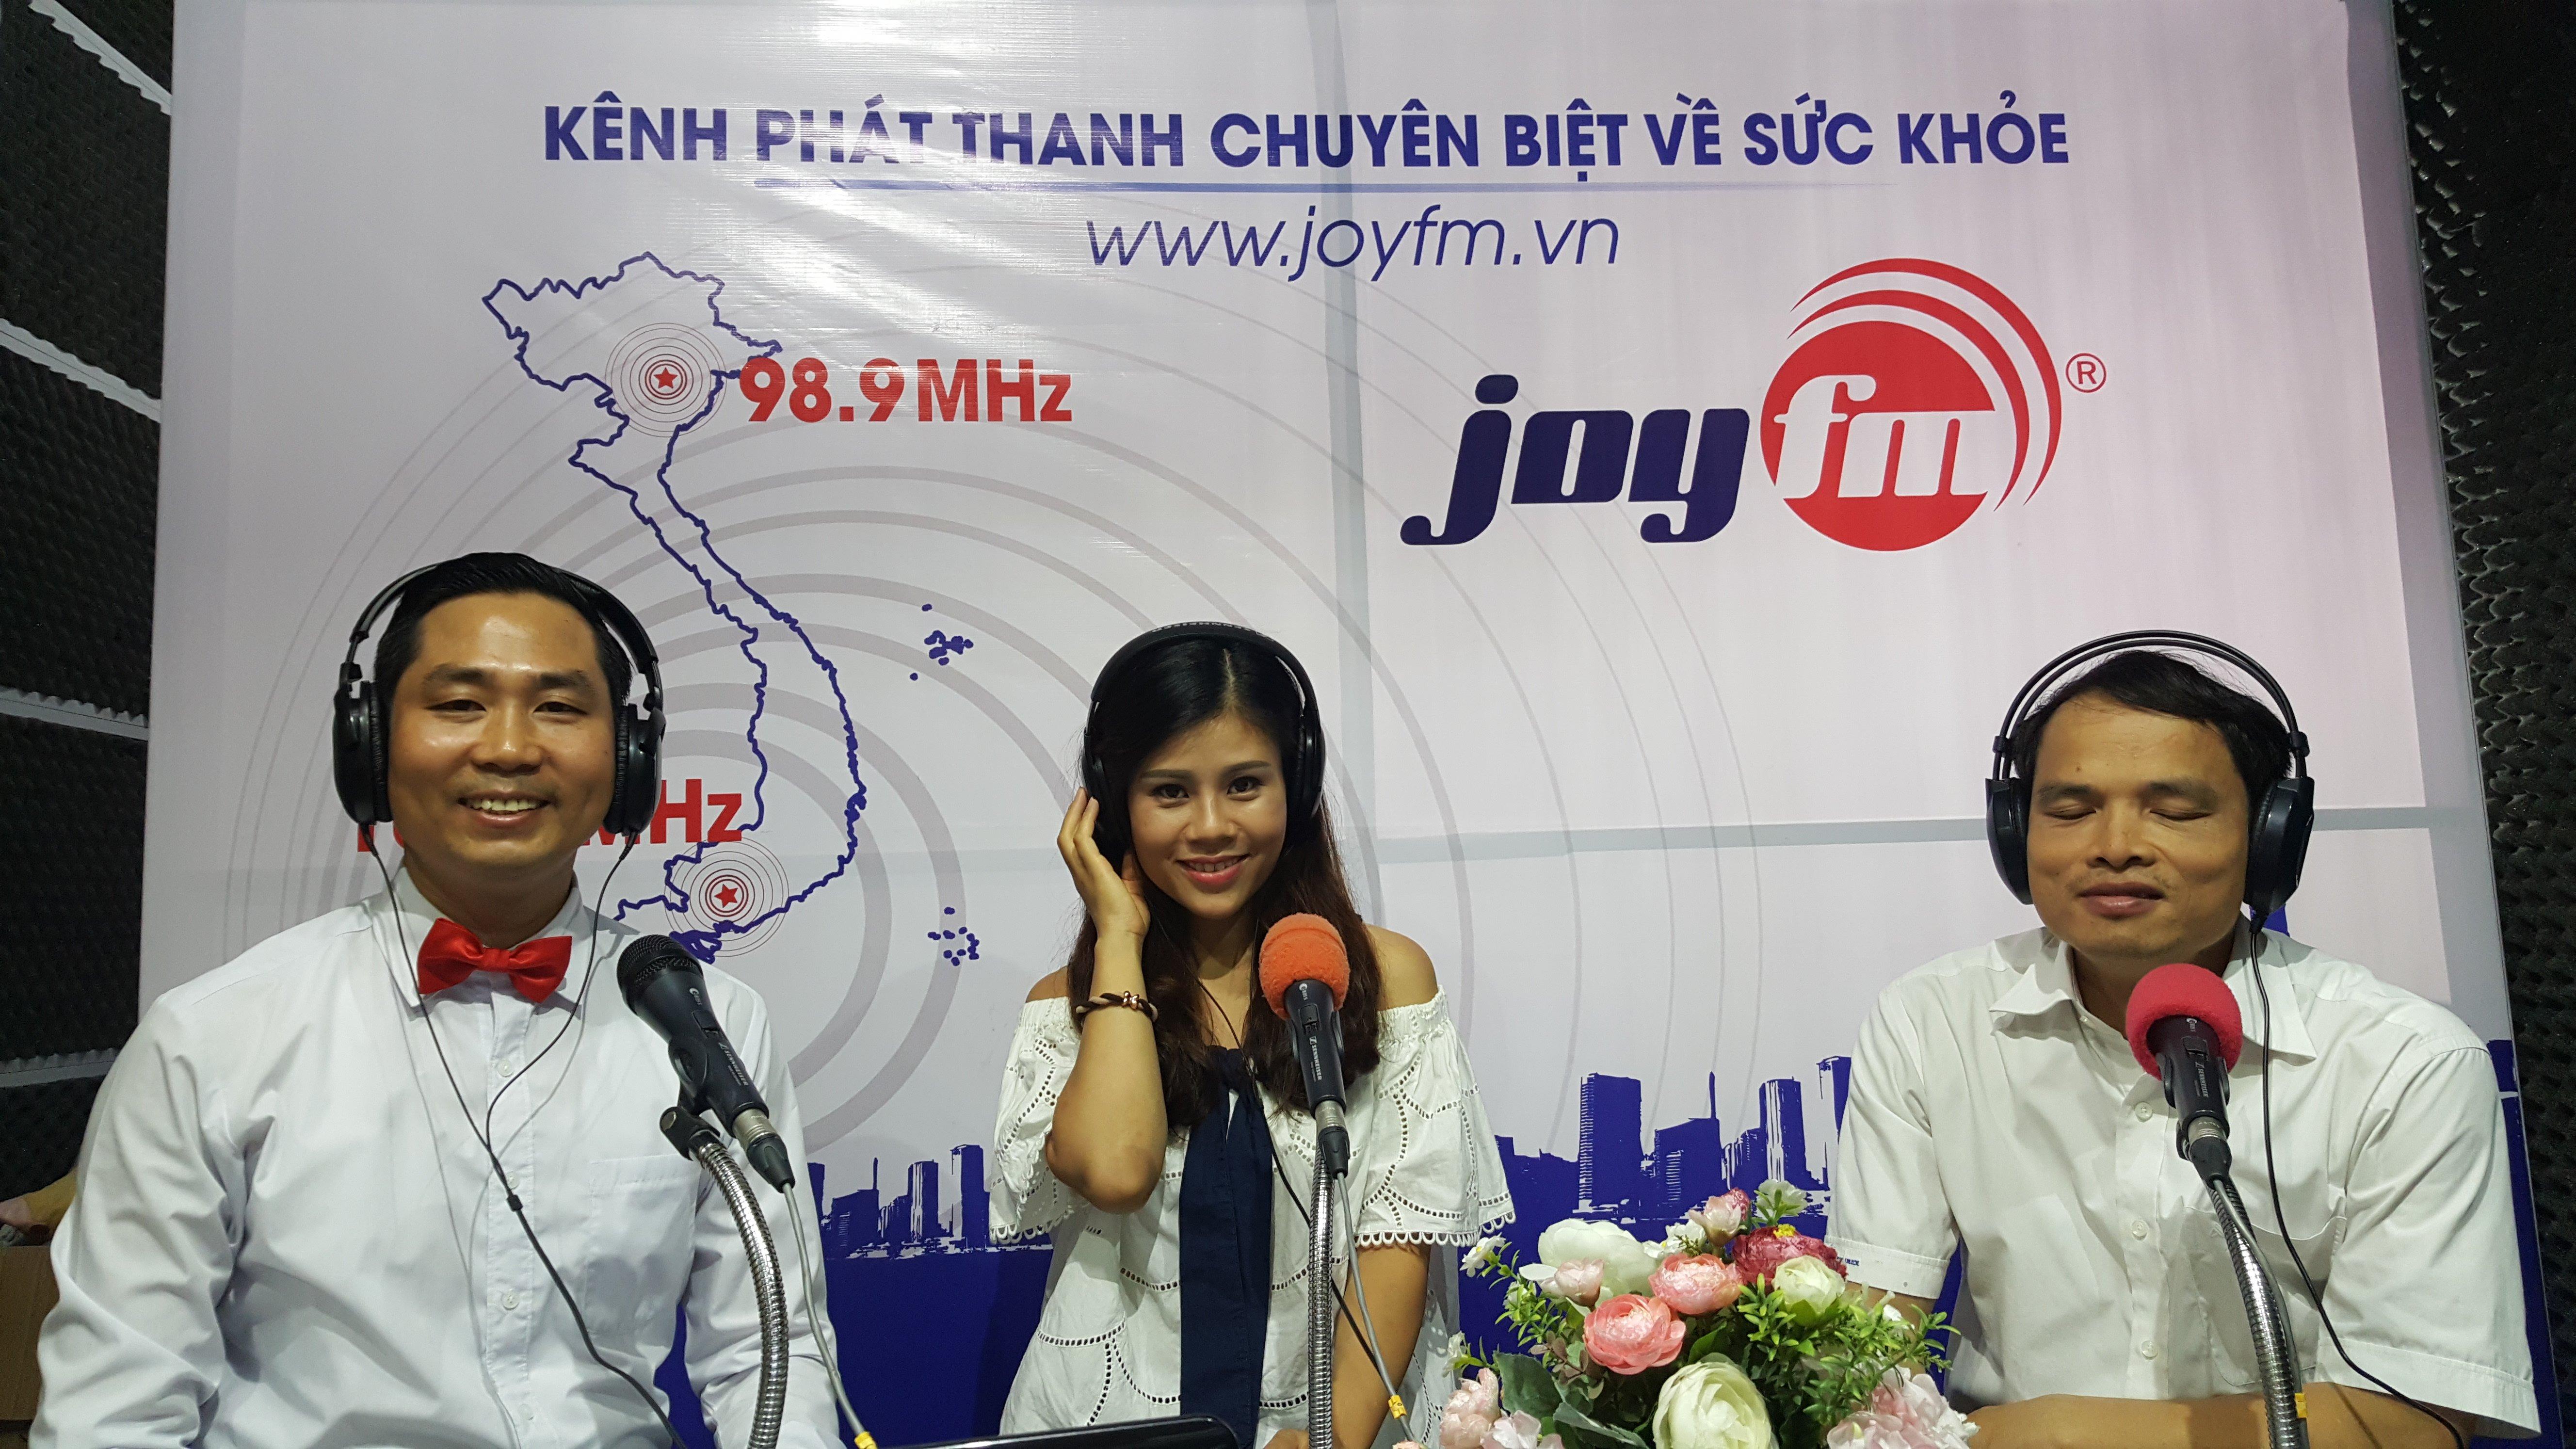 Chuyên gia Nguyễn Bá Toàn chia sẻ trên Joyfm - lời thì thầm